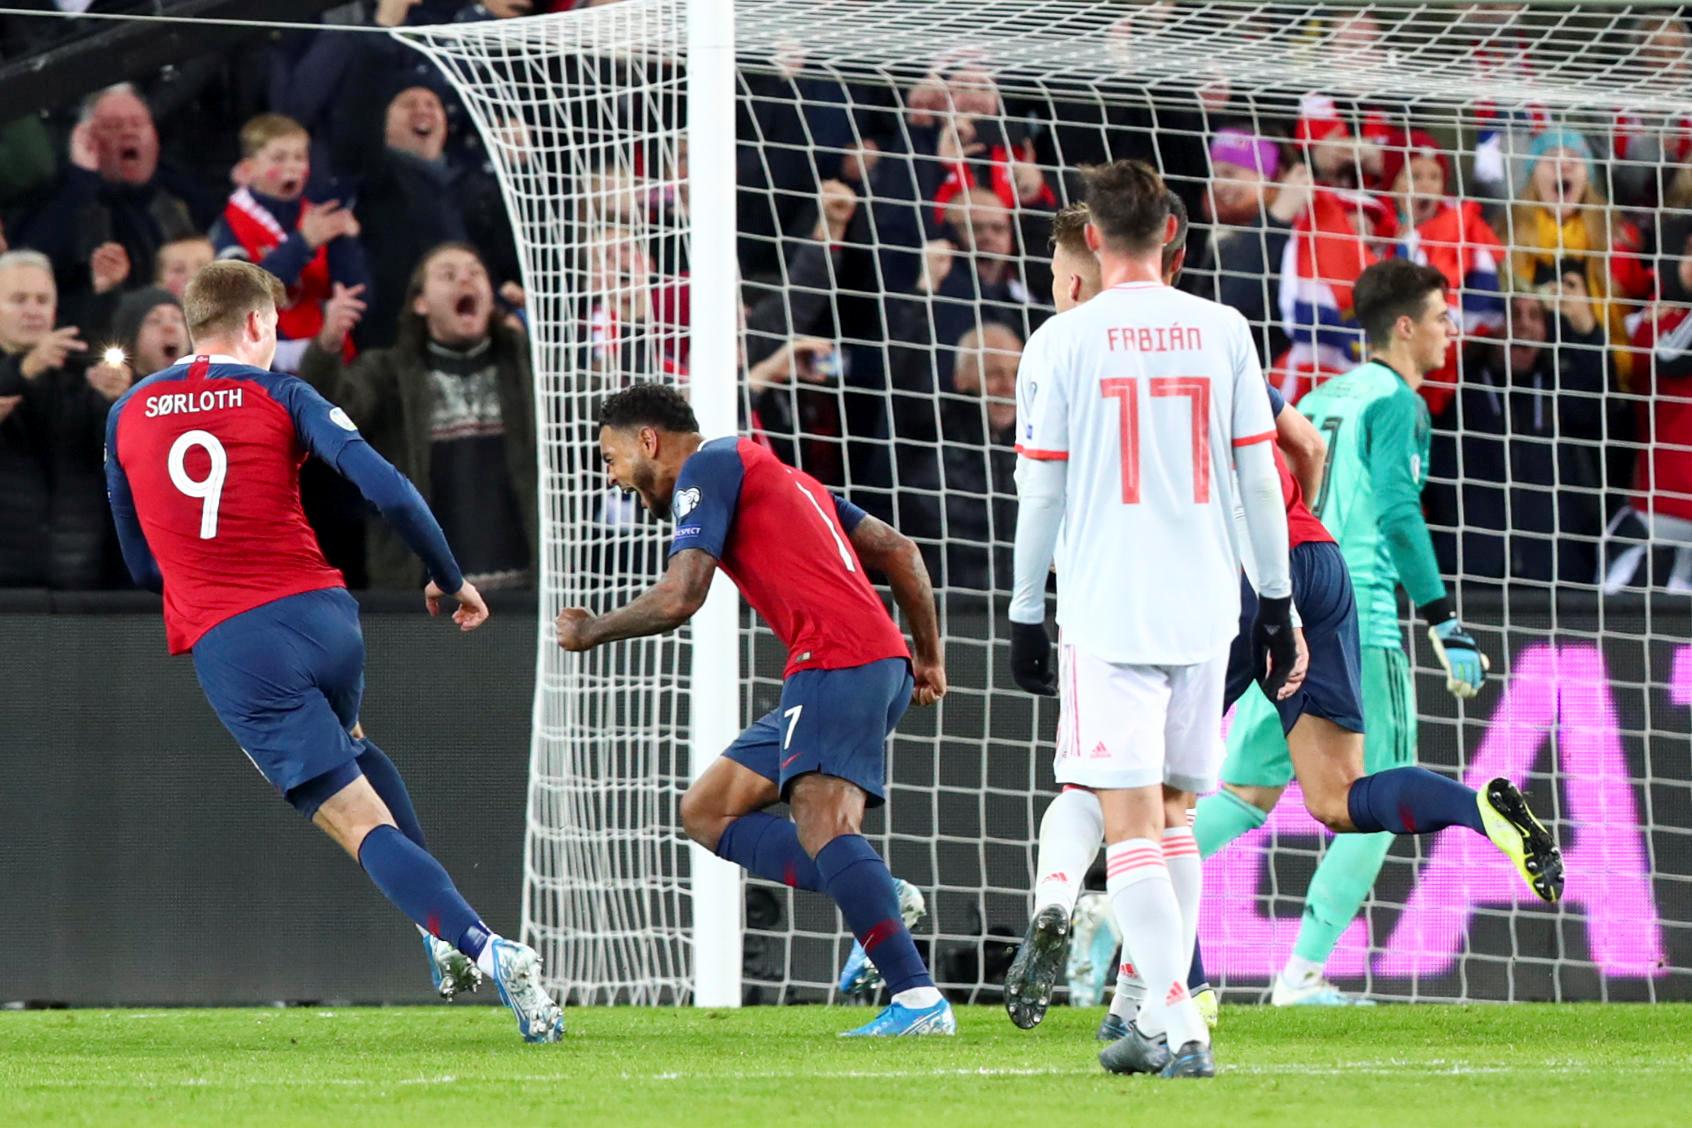 """Προκριματικά Euro 2020: Η Νορβηγία """"σταμάτησε"""" την Ισπανία! Αποτελέσματα και βαθμολογίες – videos"""